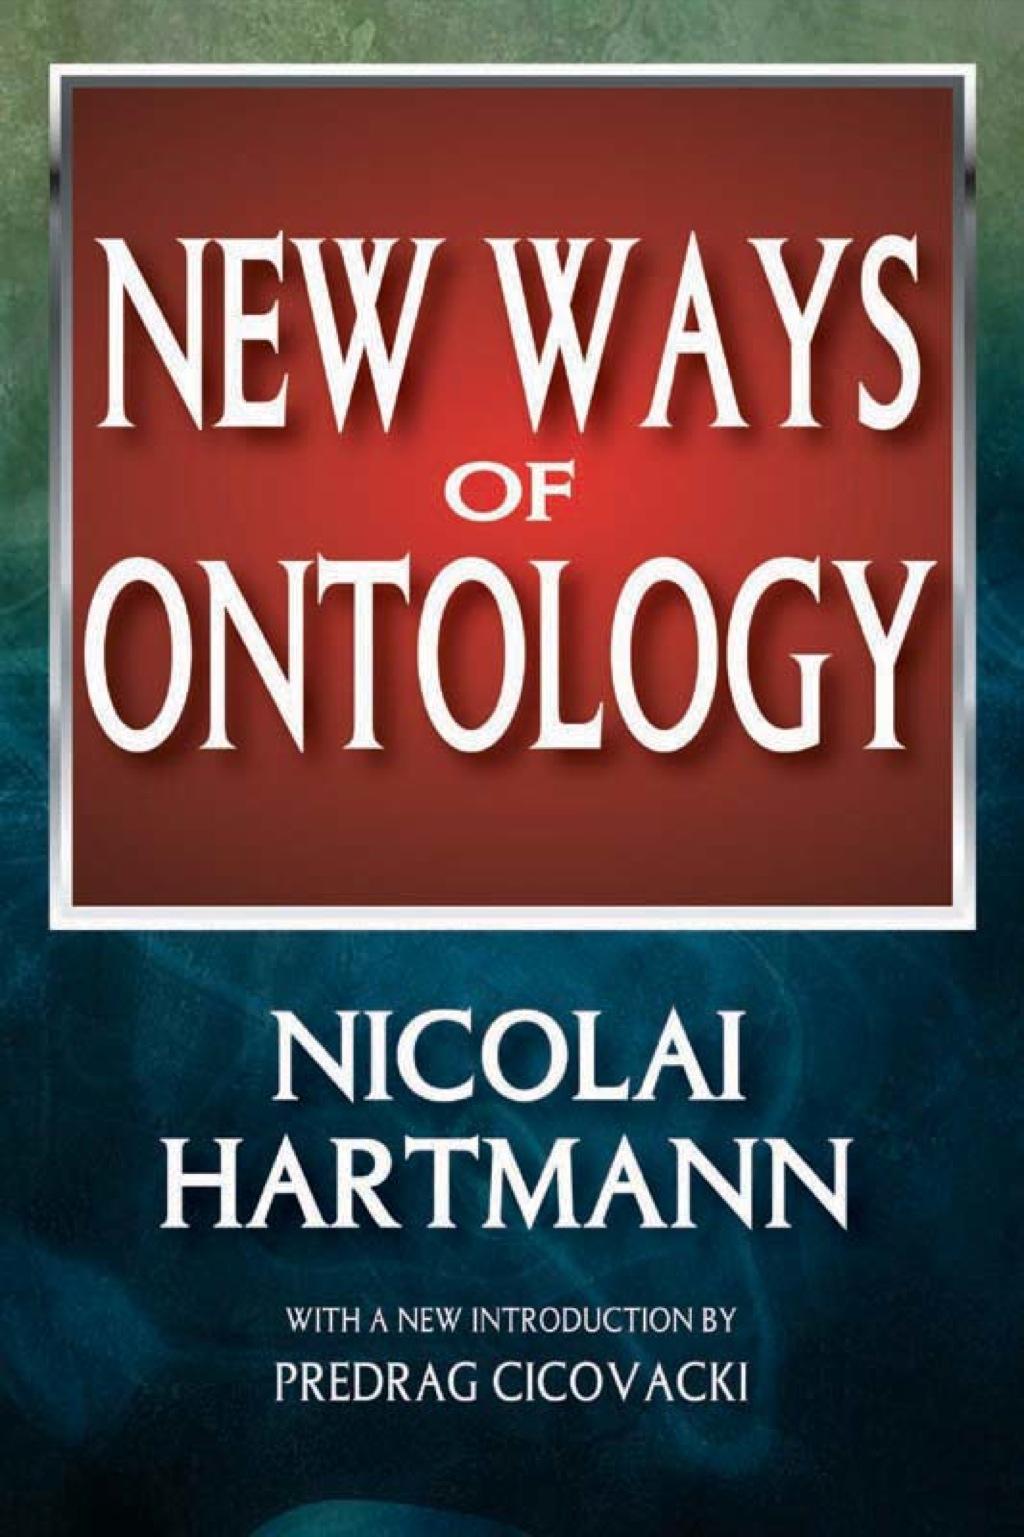 New Ways of Ontology (eBook)